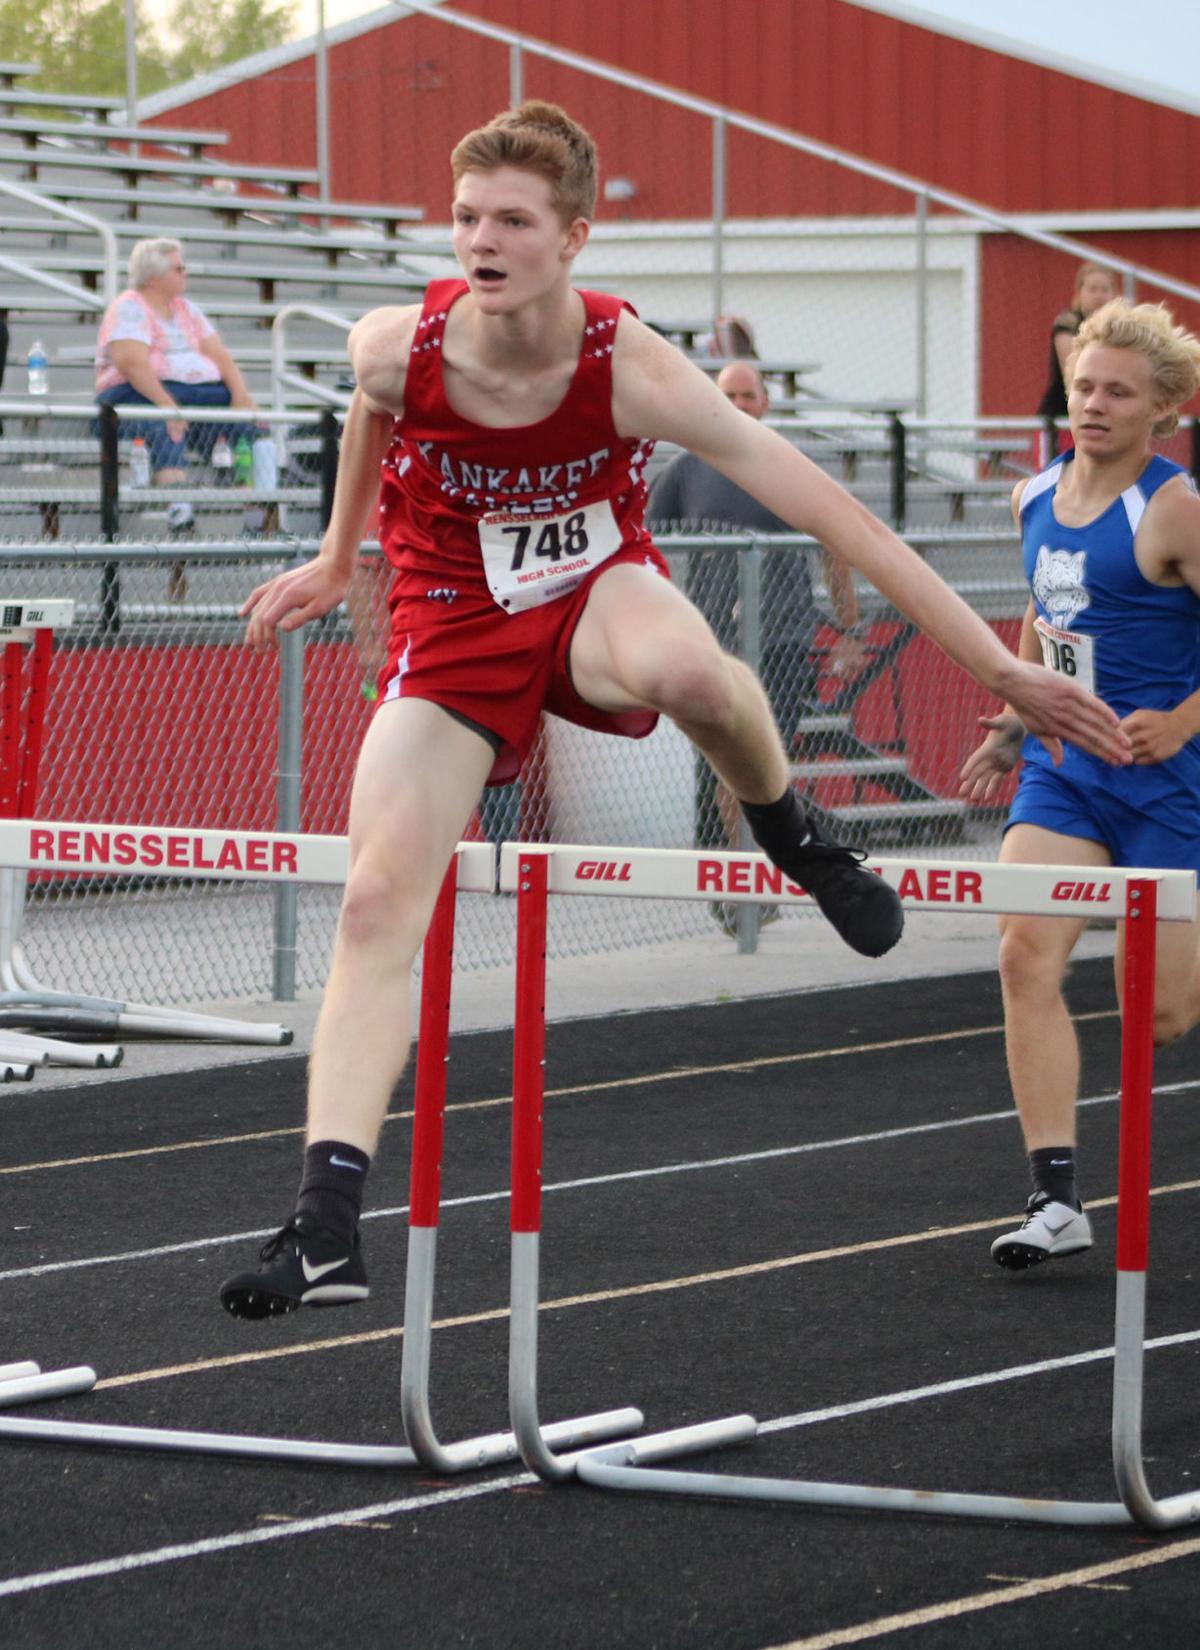 Johnson a 300 hurdles star